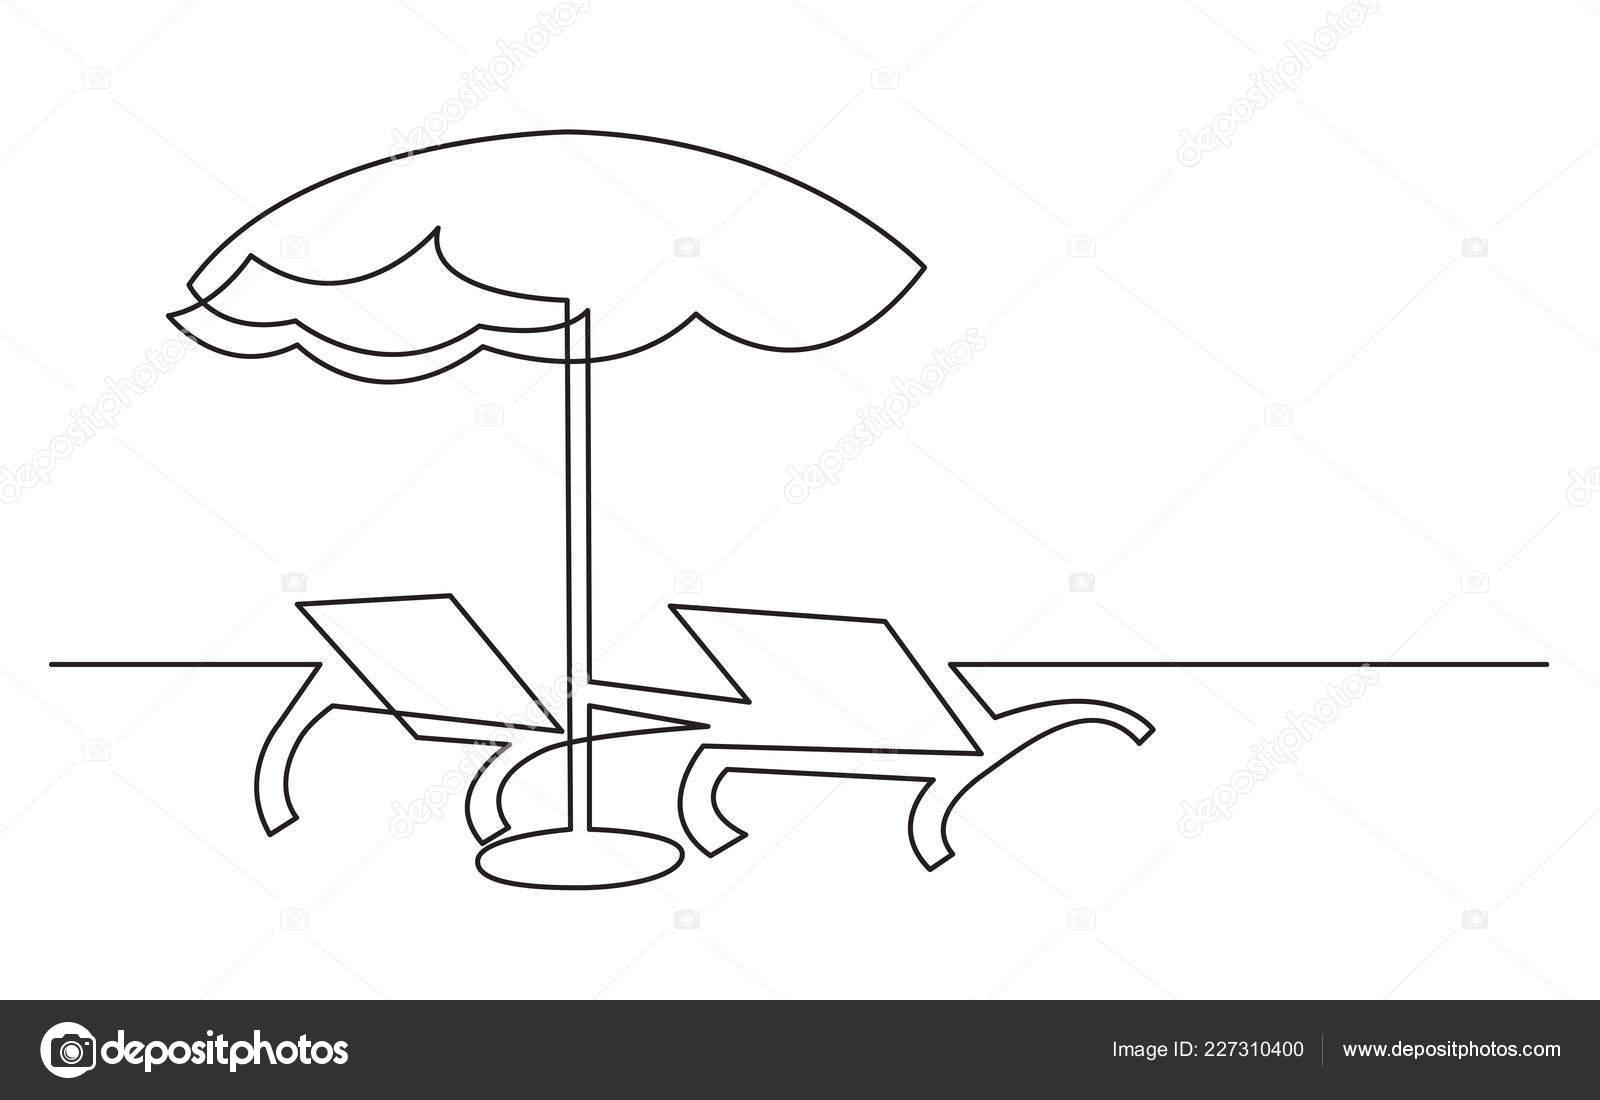 Disegno Ombrellone E Sdraio.Disegno Linea Continuo Sdraio Ombrellone Vettoriali Stock